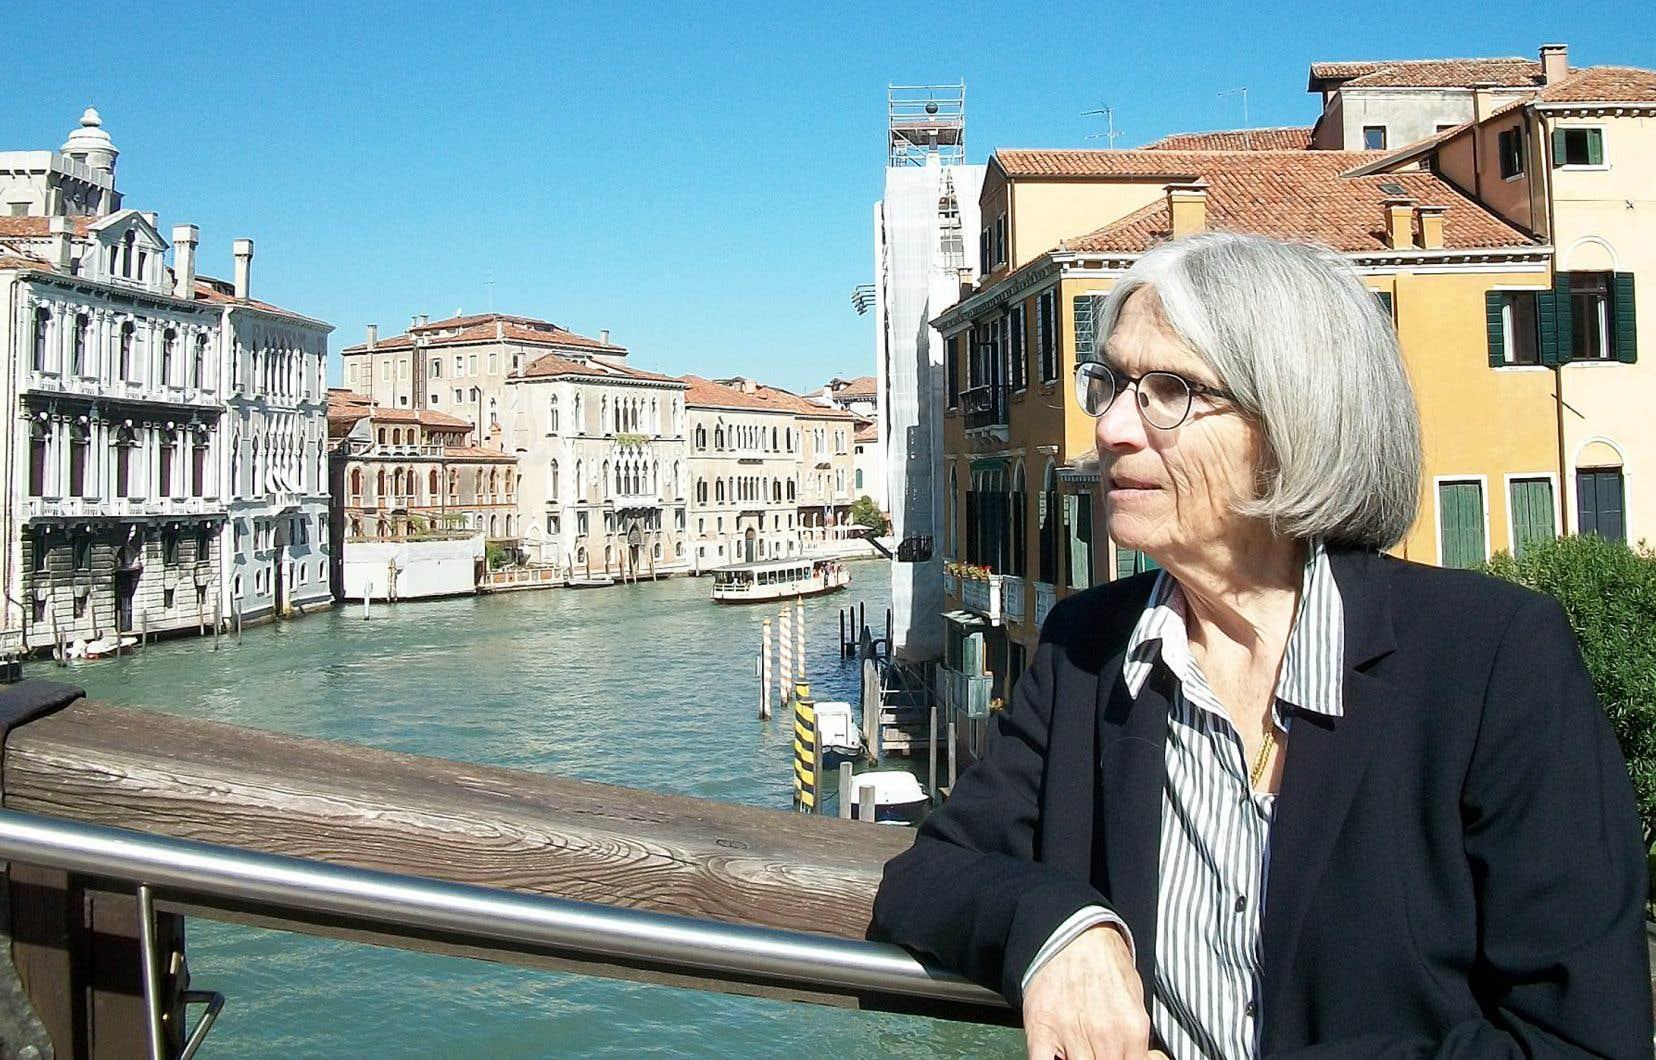 Donna Leon à Venise. On aime ou on déteste ses minutieuses descriptions des moindres recoins de la Sérénissime.